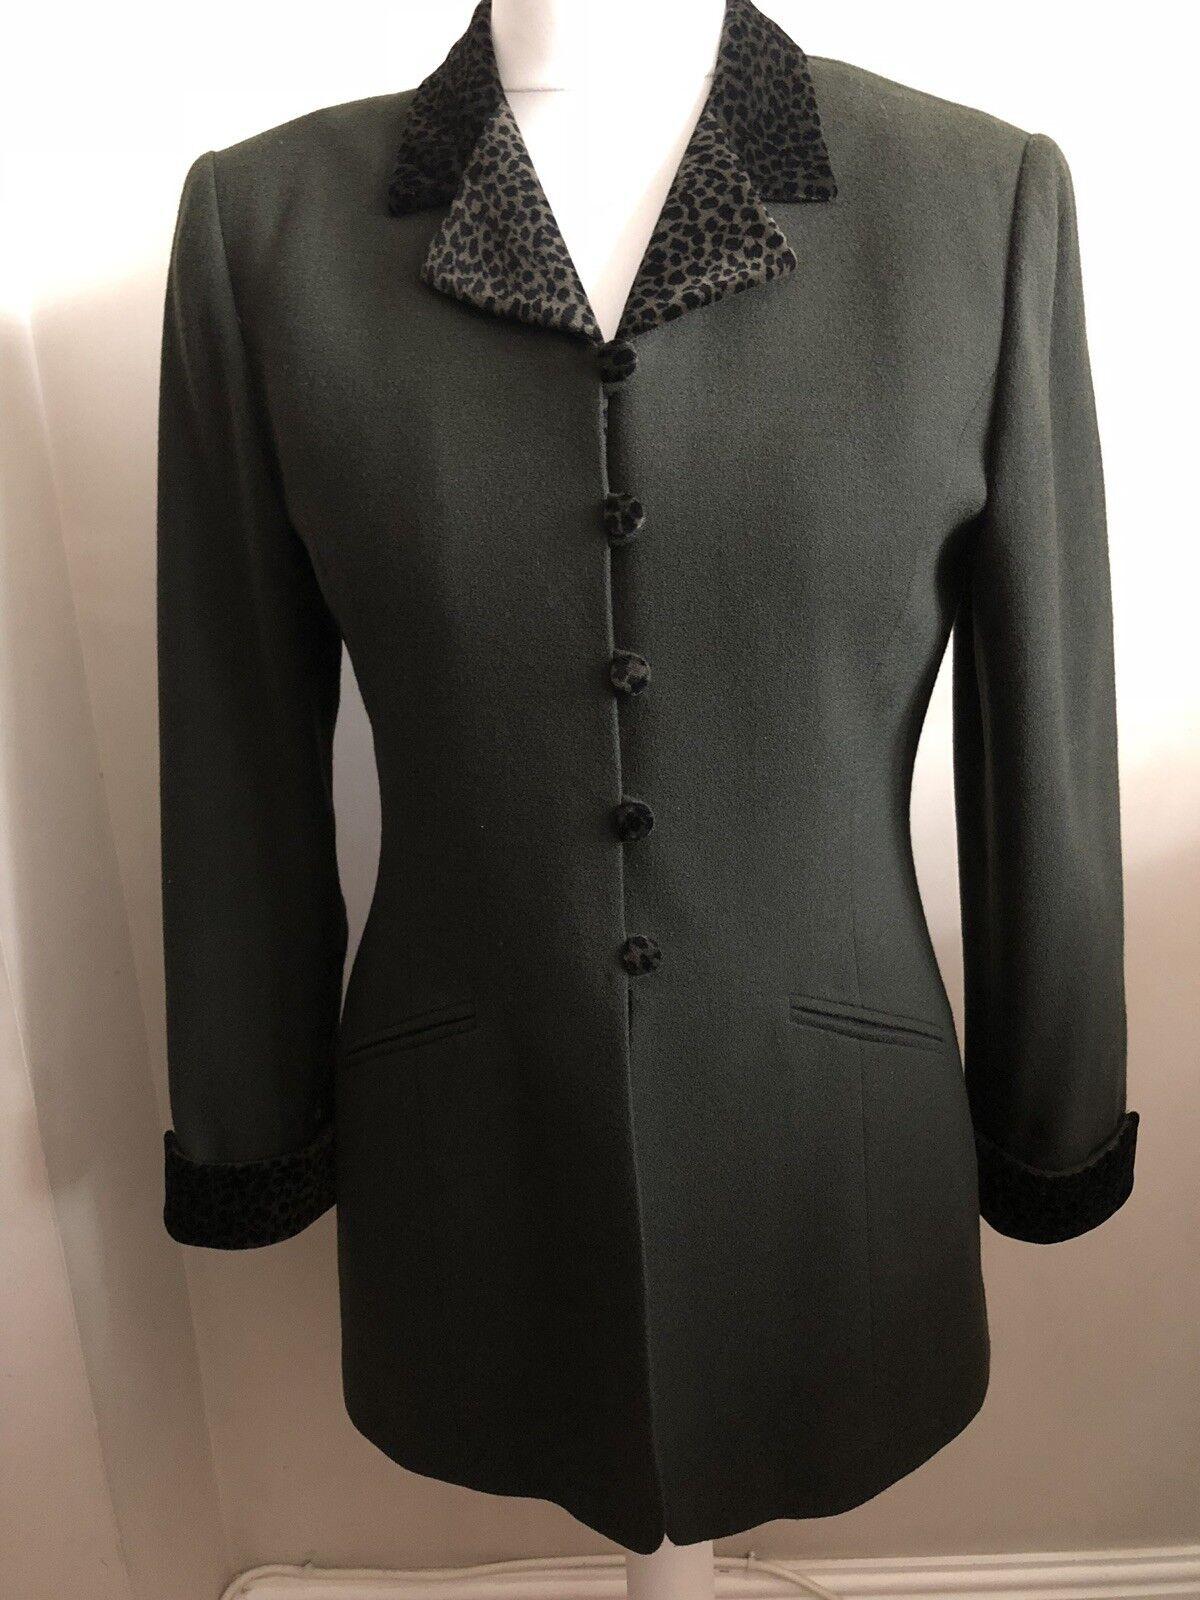 Kasper Ladies Suit Size 8, 100% Wool, Olive Green Leopard Print Collar & Cuffs